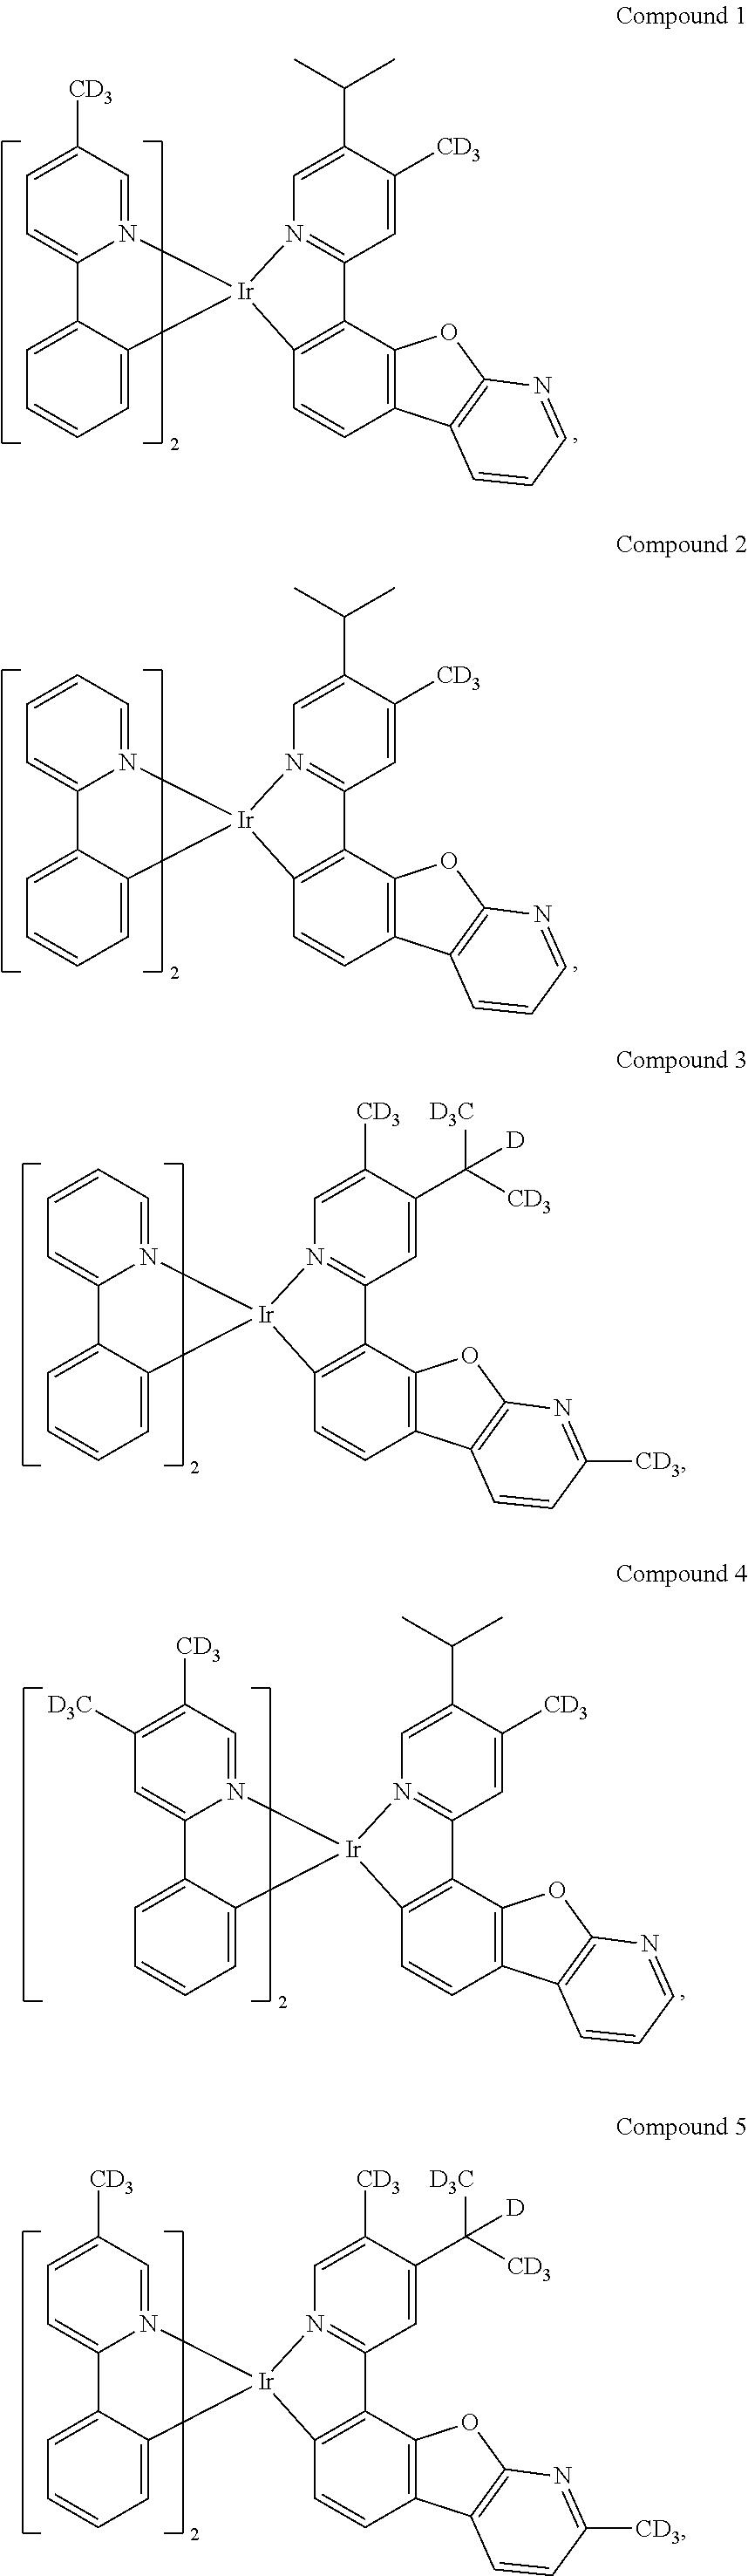 Figure US20160049599A1-20160218-C00531